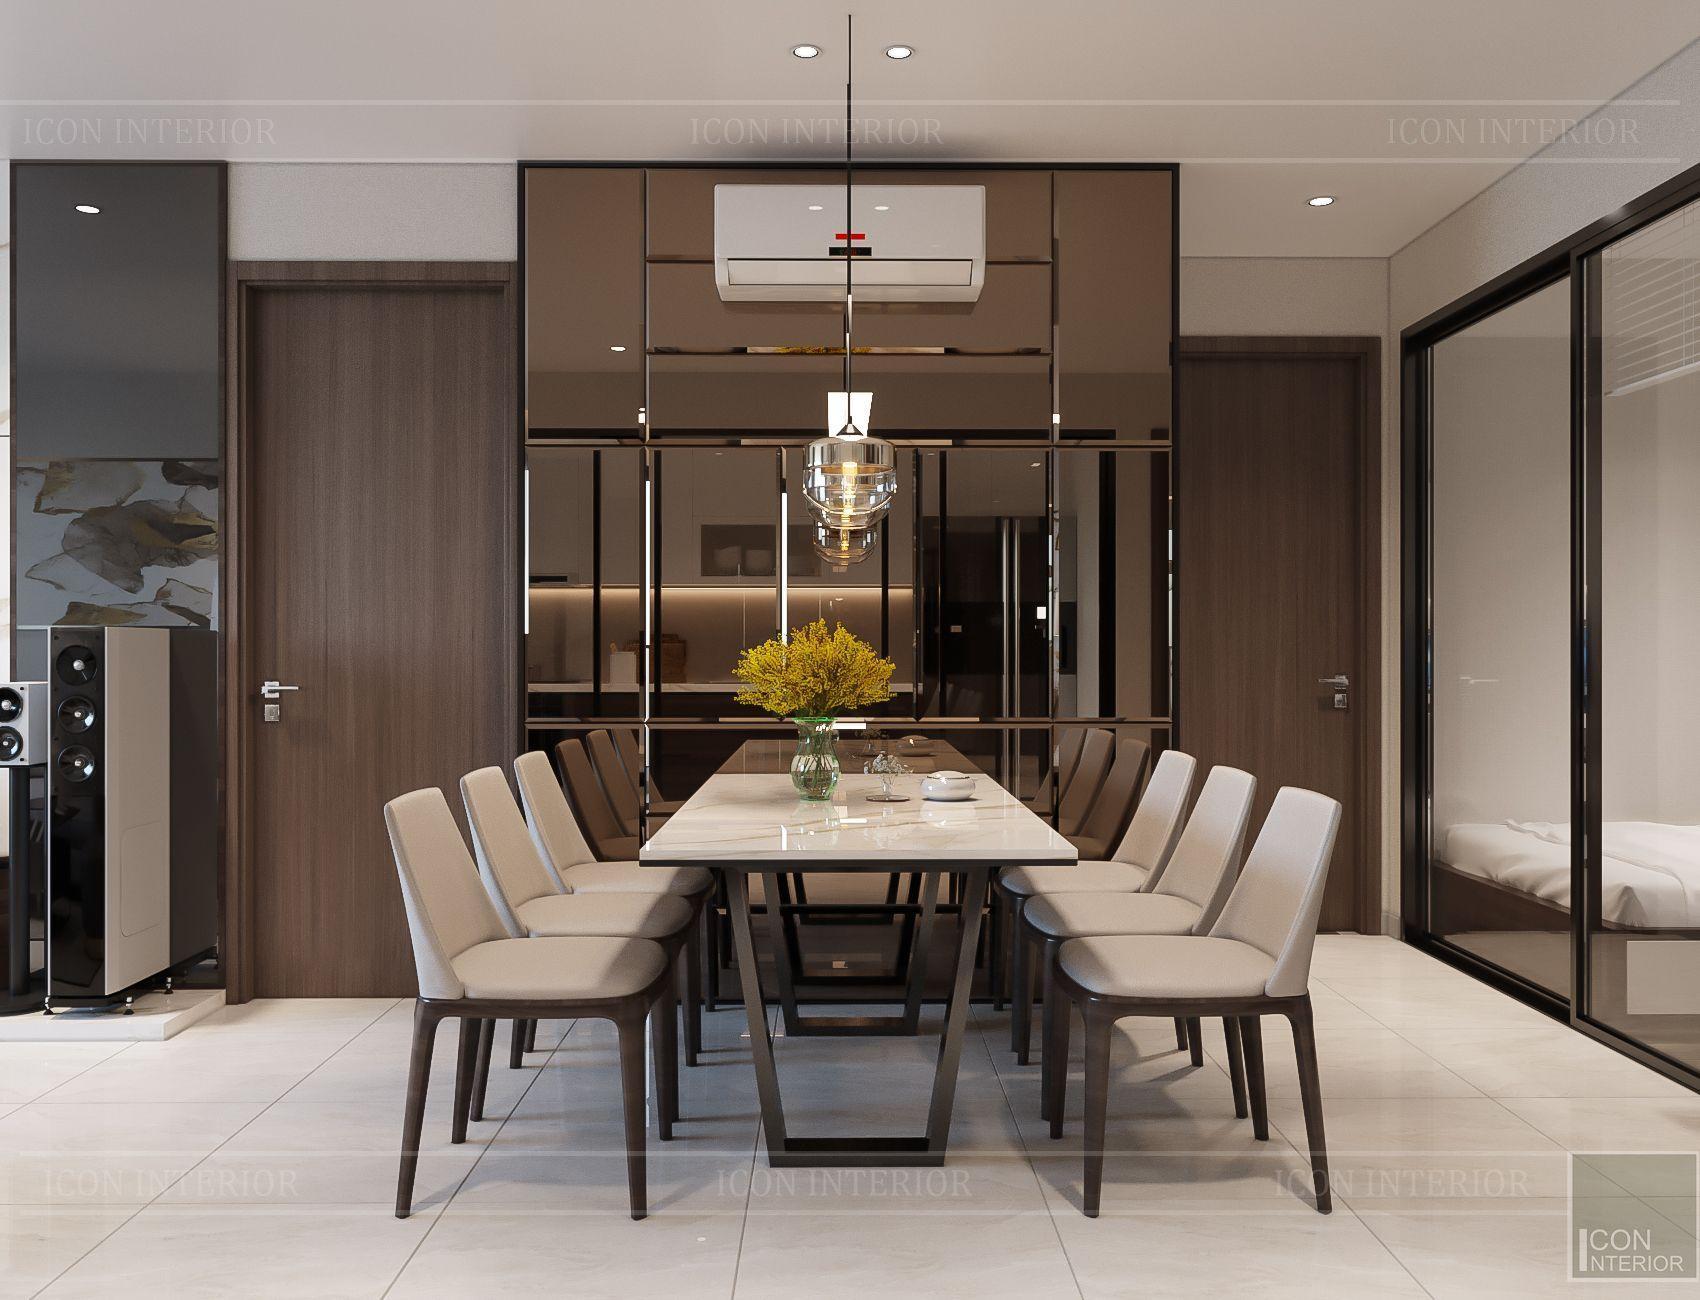 Thiết kế căn hộ toàn Iris 1 Hado Centrosa - bộ bàn ghế ăn